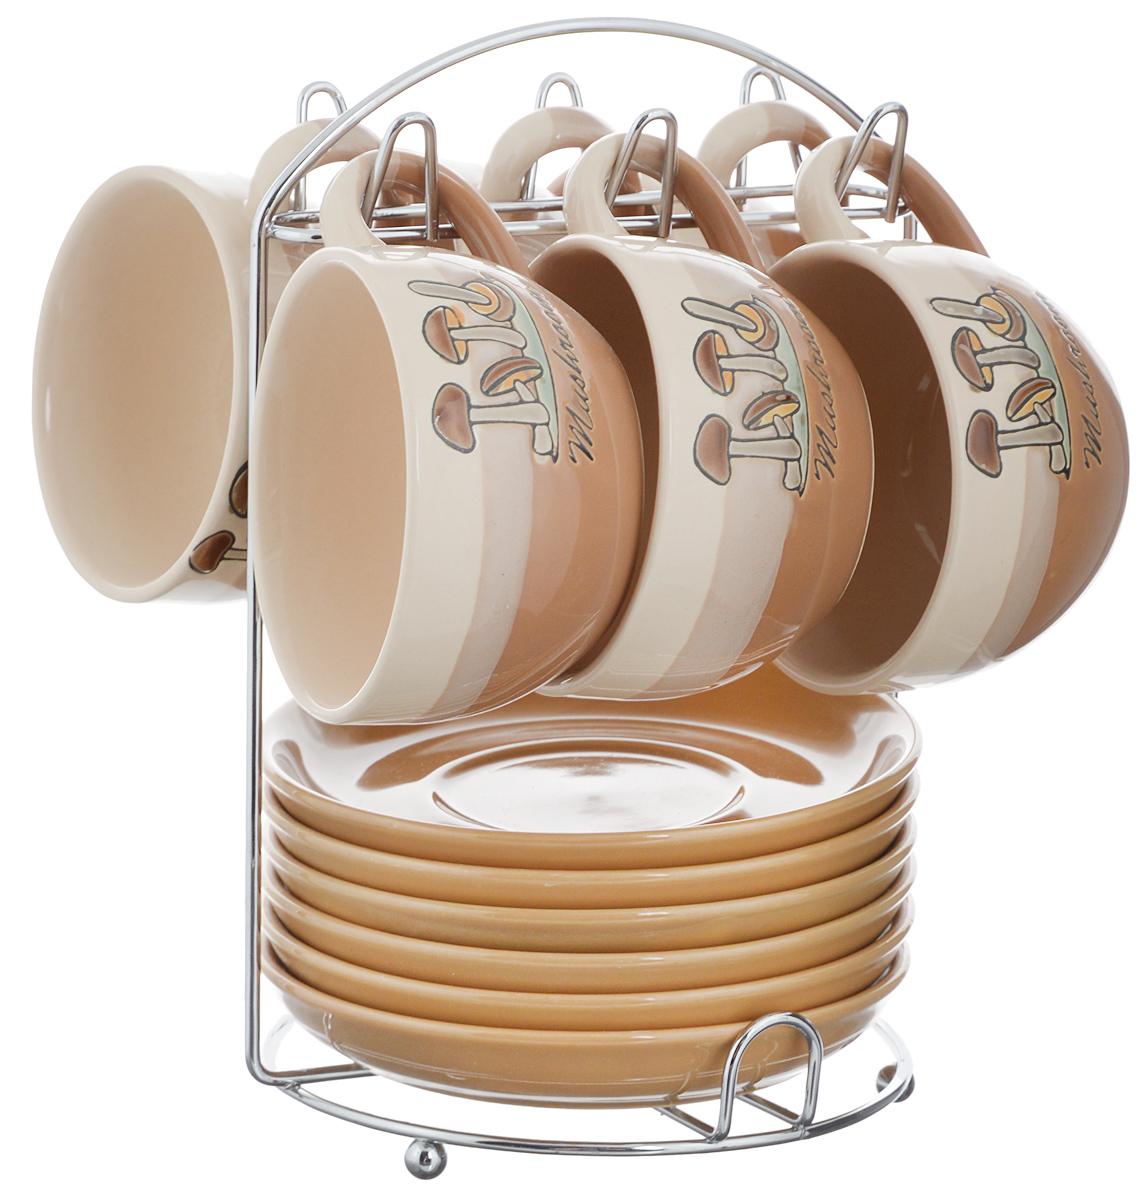 Набор чайный Calve. Грибы, на подставке, 13 предметов115610Набор Calve. Грибы состоит из шести чашек и шести блюдец, изготовленных из высококачественного фарфора. Чашки оформлены ярким изображением грибов. Изделия расположены на металлической подставке. Такой набор подходит для подачи чая или кофе.Изящный дизайн придется по вкусу и ценителям классики, и тем, кто предпочитает утонченность и изысканность. Он настроит на позитивный лад и подарит хорошее настроение с самого утра. Чайный набор Calve. Грибы - идеальный и необходимый подарок для вашего дома и для ваших друзей в праздники.Можно мыть в посудомоечной машине. Объем чашки: 220 мл. Диаметр чашки (по верхнему краю): 9,5 см. Высота чашки: 6,3 см. Диаметр блюдца: 14,5 см. Высота блюдца: 2,3 см.Размер подставки: 16,5 х 16 х 22,5 см.